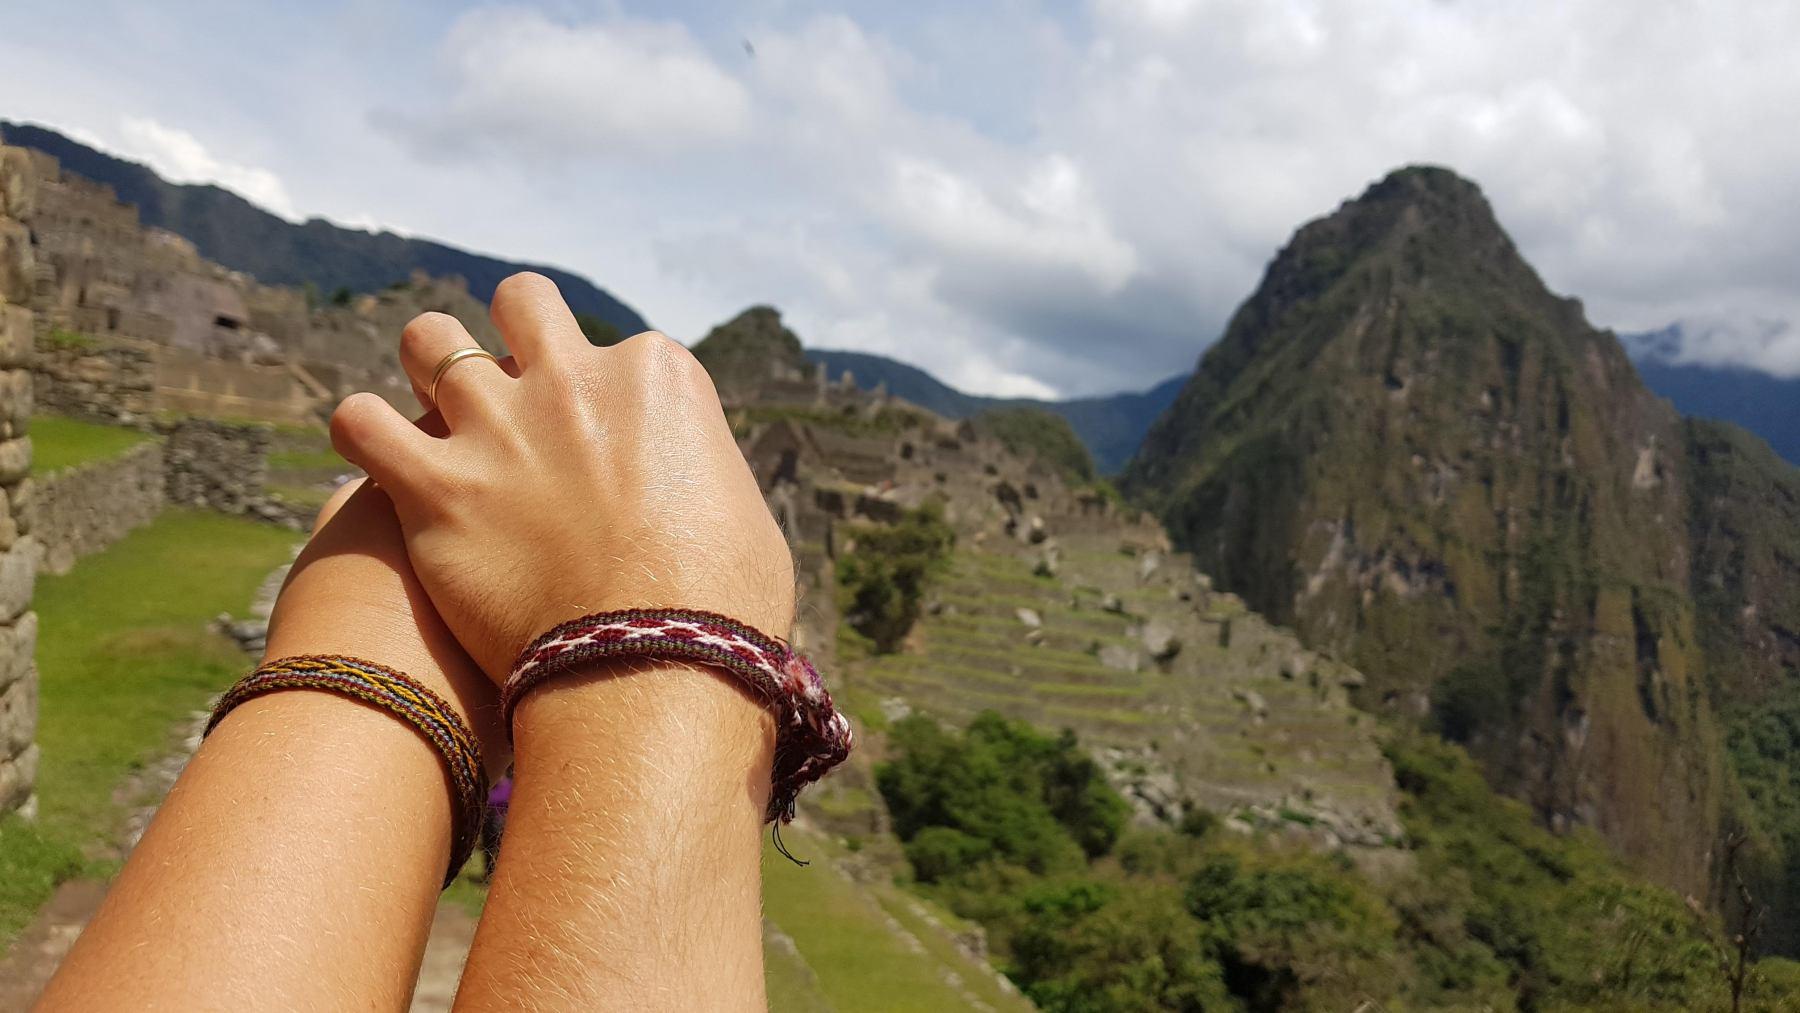 Naše ruce s Machu Picchu v pozadí